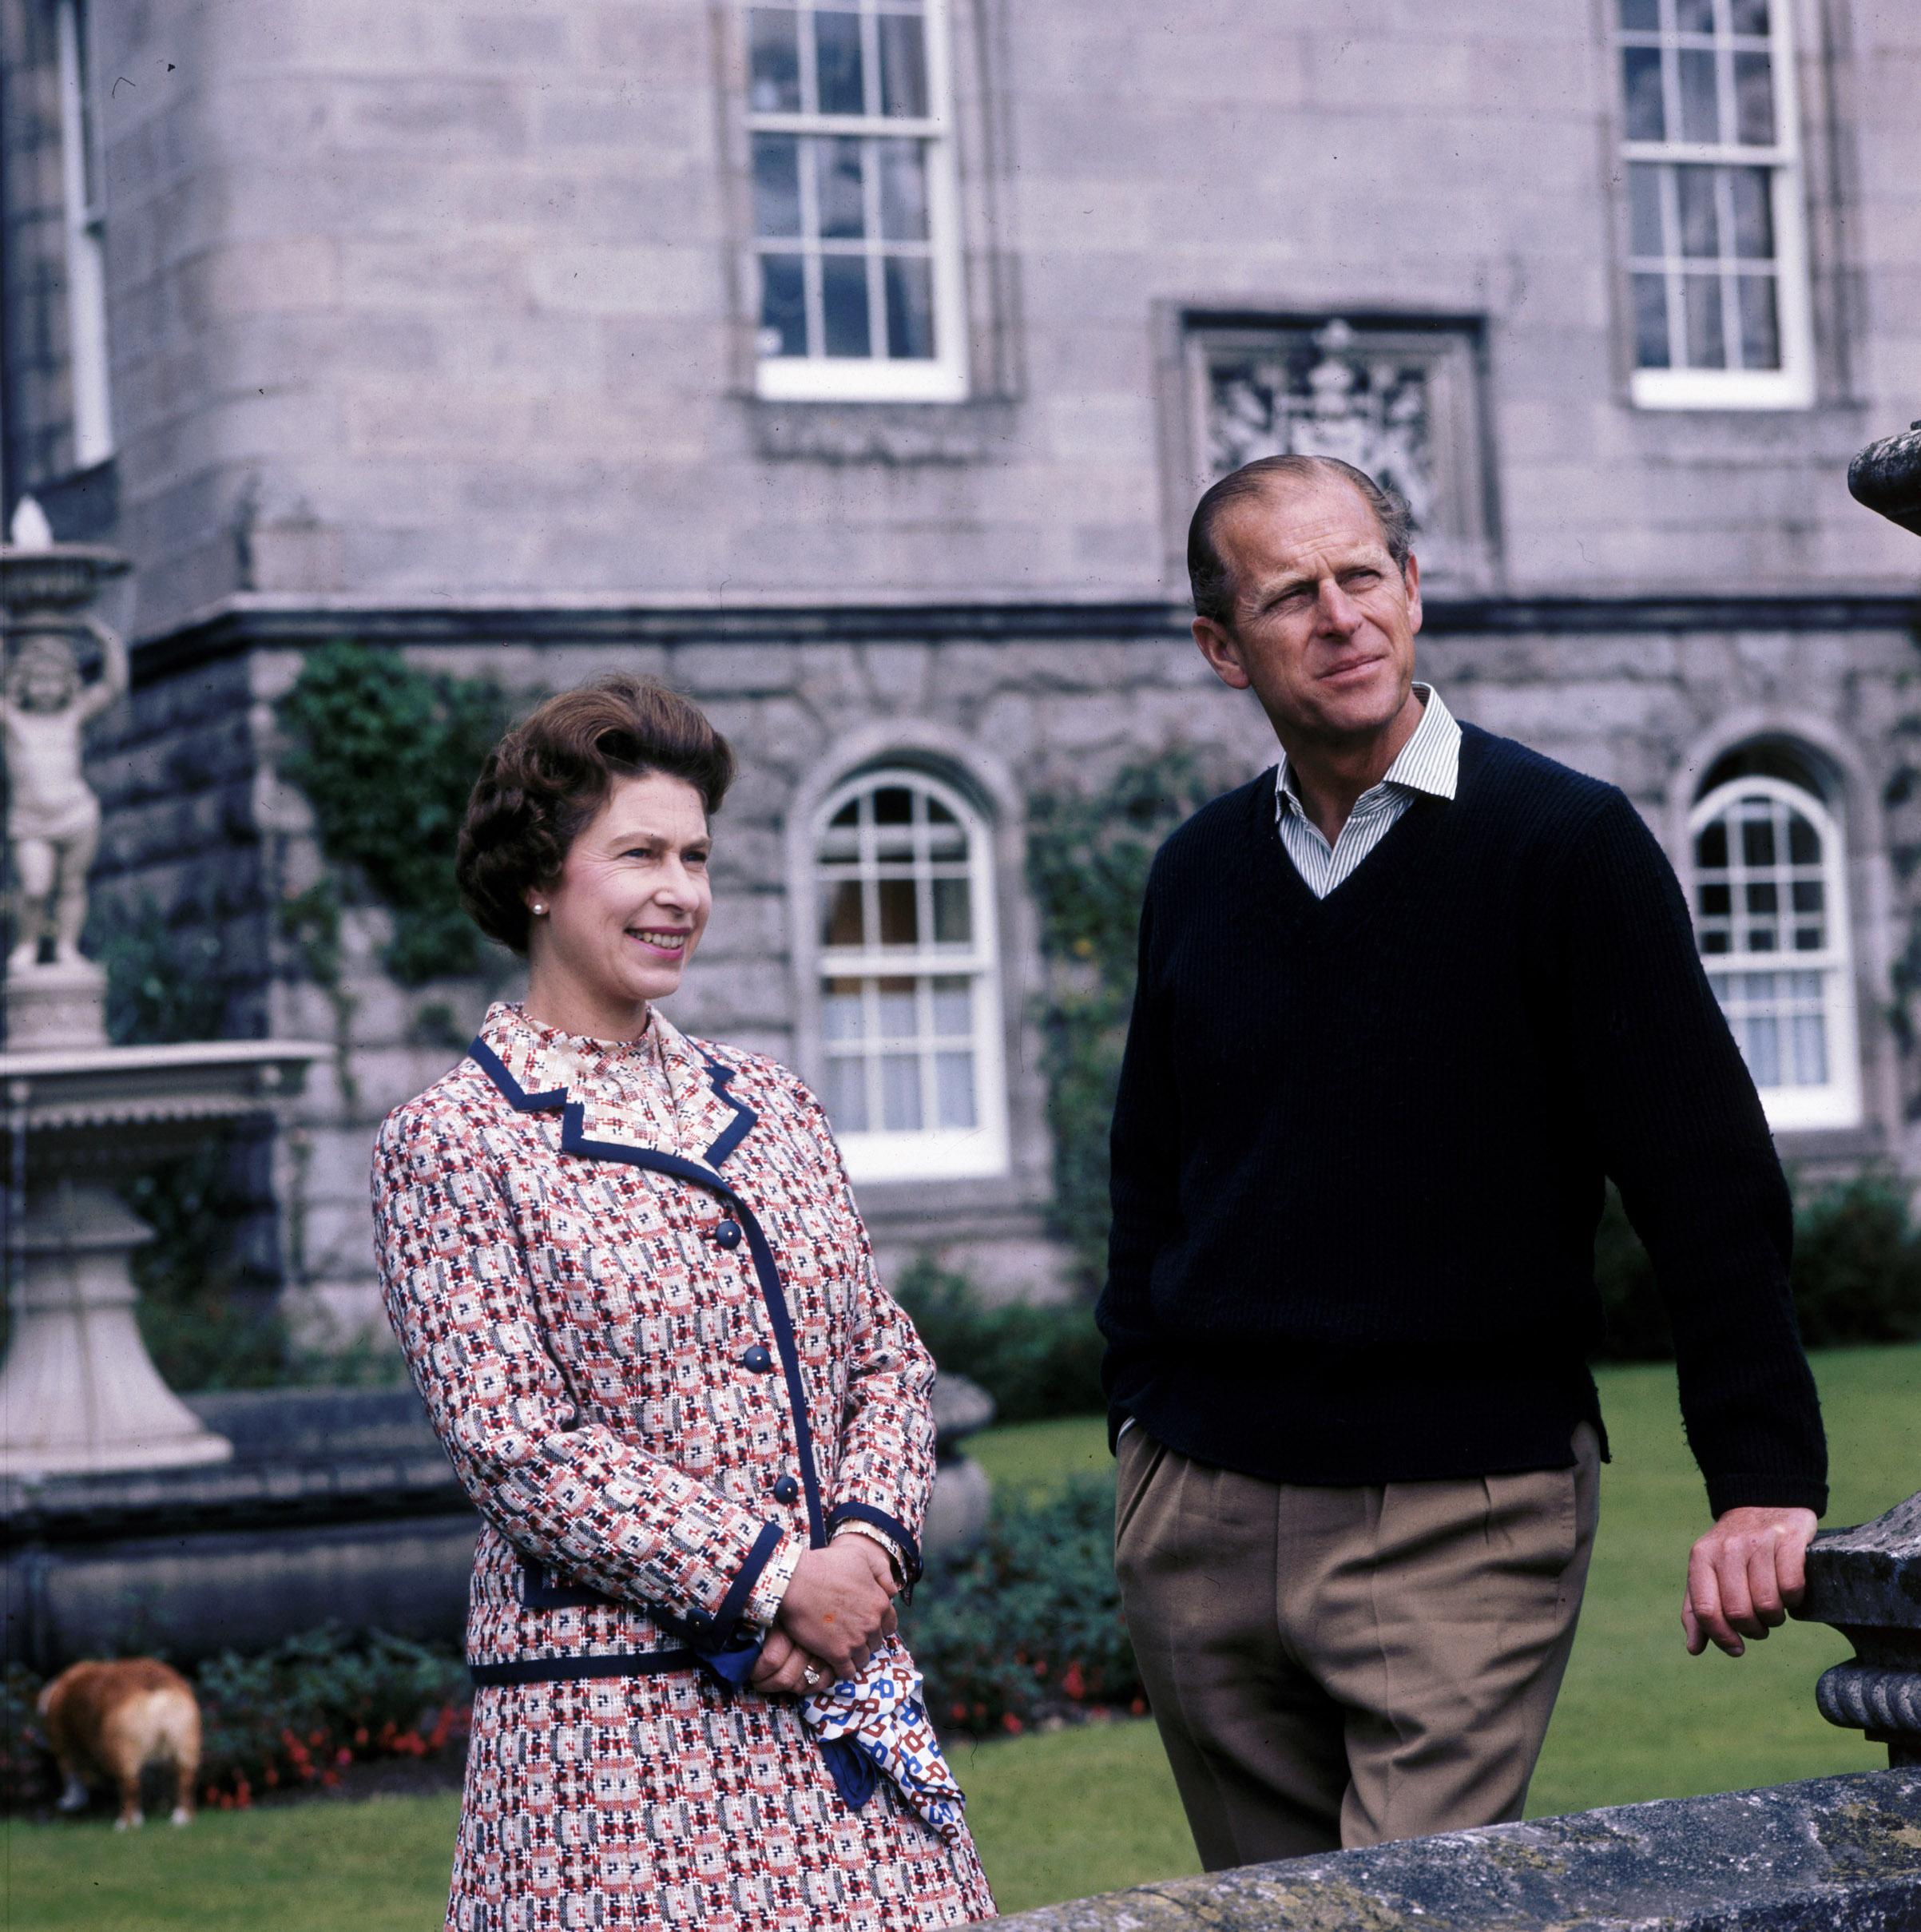 Queen Elizabeth II and Prince Philip at Balmoral, Scotland, 1972.